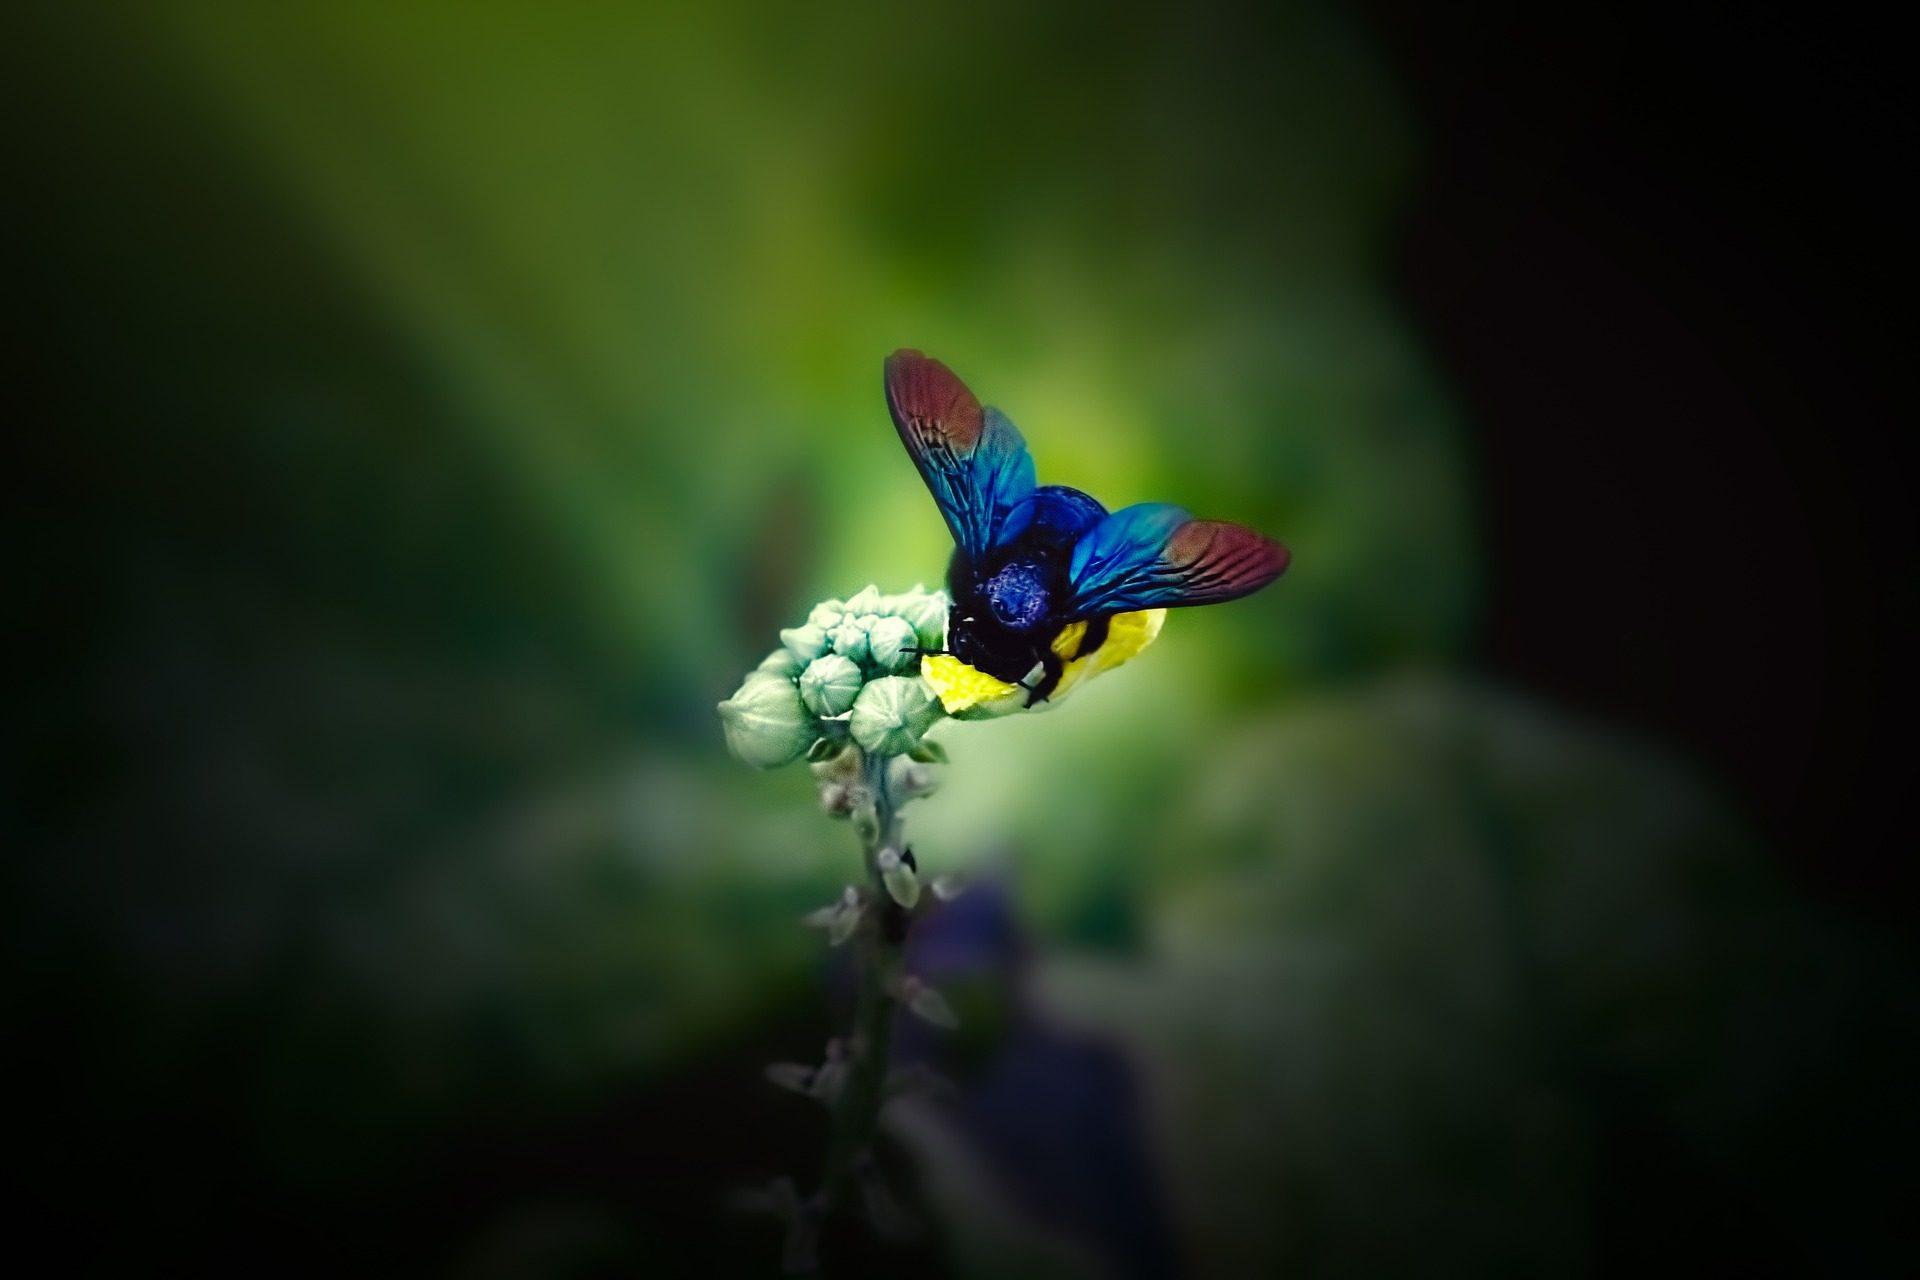 Bombo, fiore, piano terra, insetto, Ali, colorato, circa - Sfondi HD - Professor-falken.com